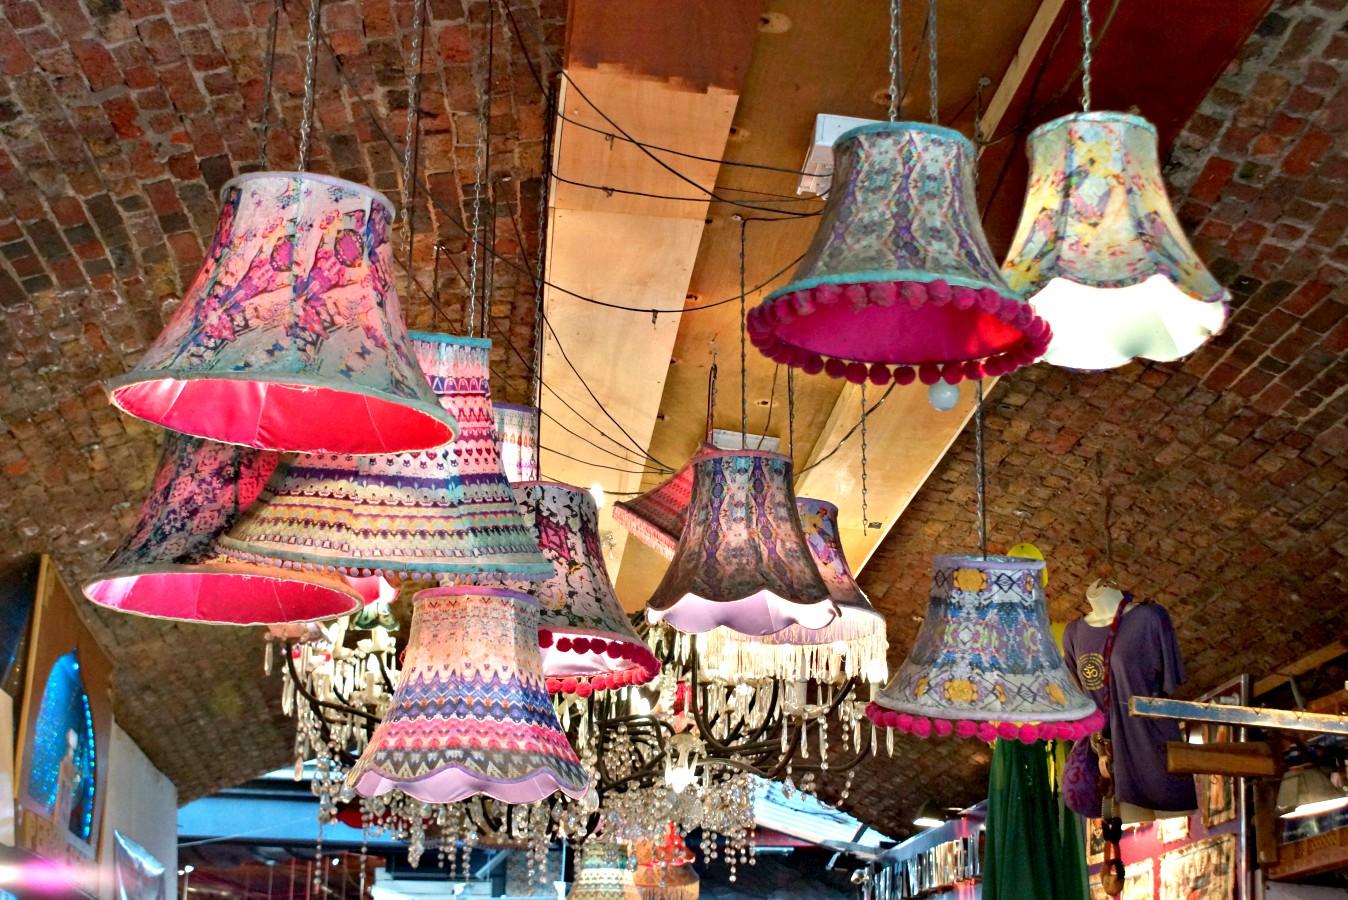 Camden lamps